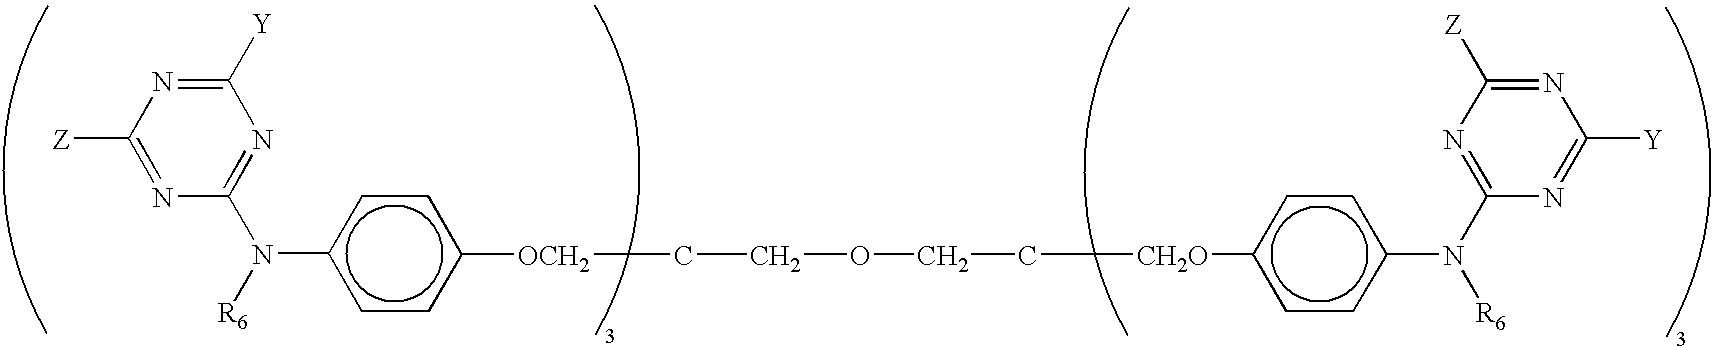 Figure US07087752-20060808-C00140